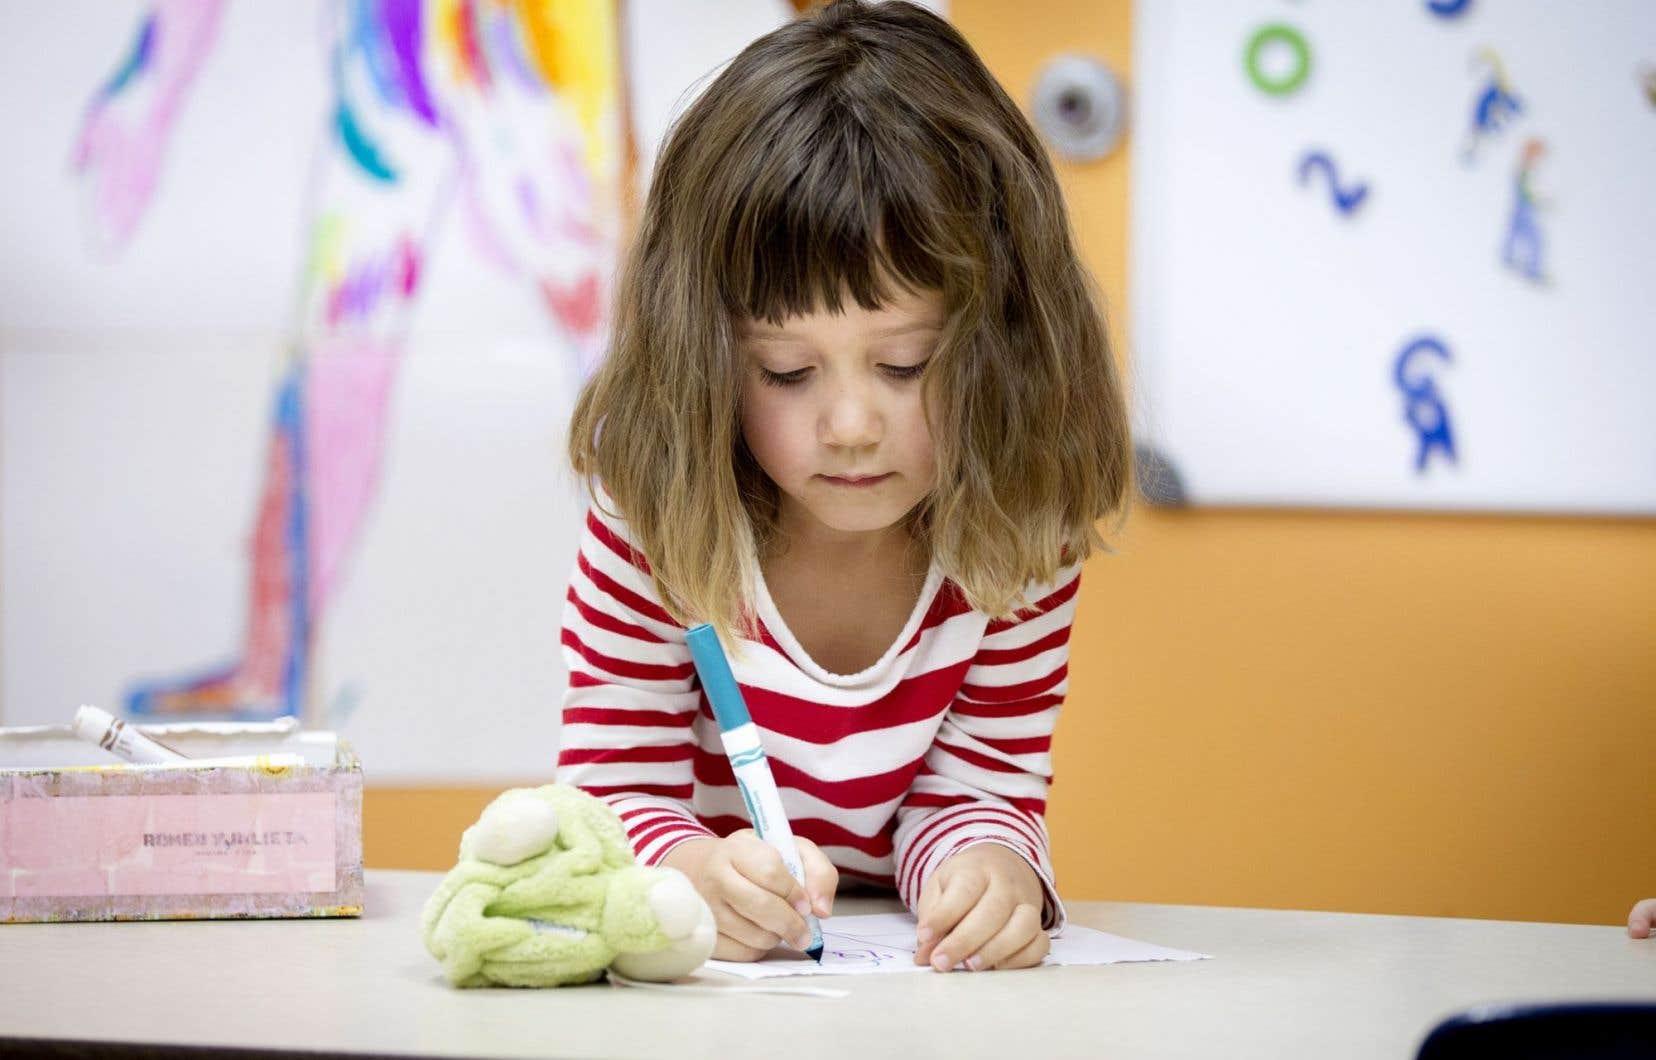 «Plus l'enfant aura la chance d'être mis en situation de jeux et de projets où il devra s'investir et s'organiser, plus sa réussite scolaire sera grande. »